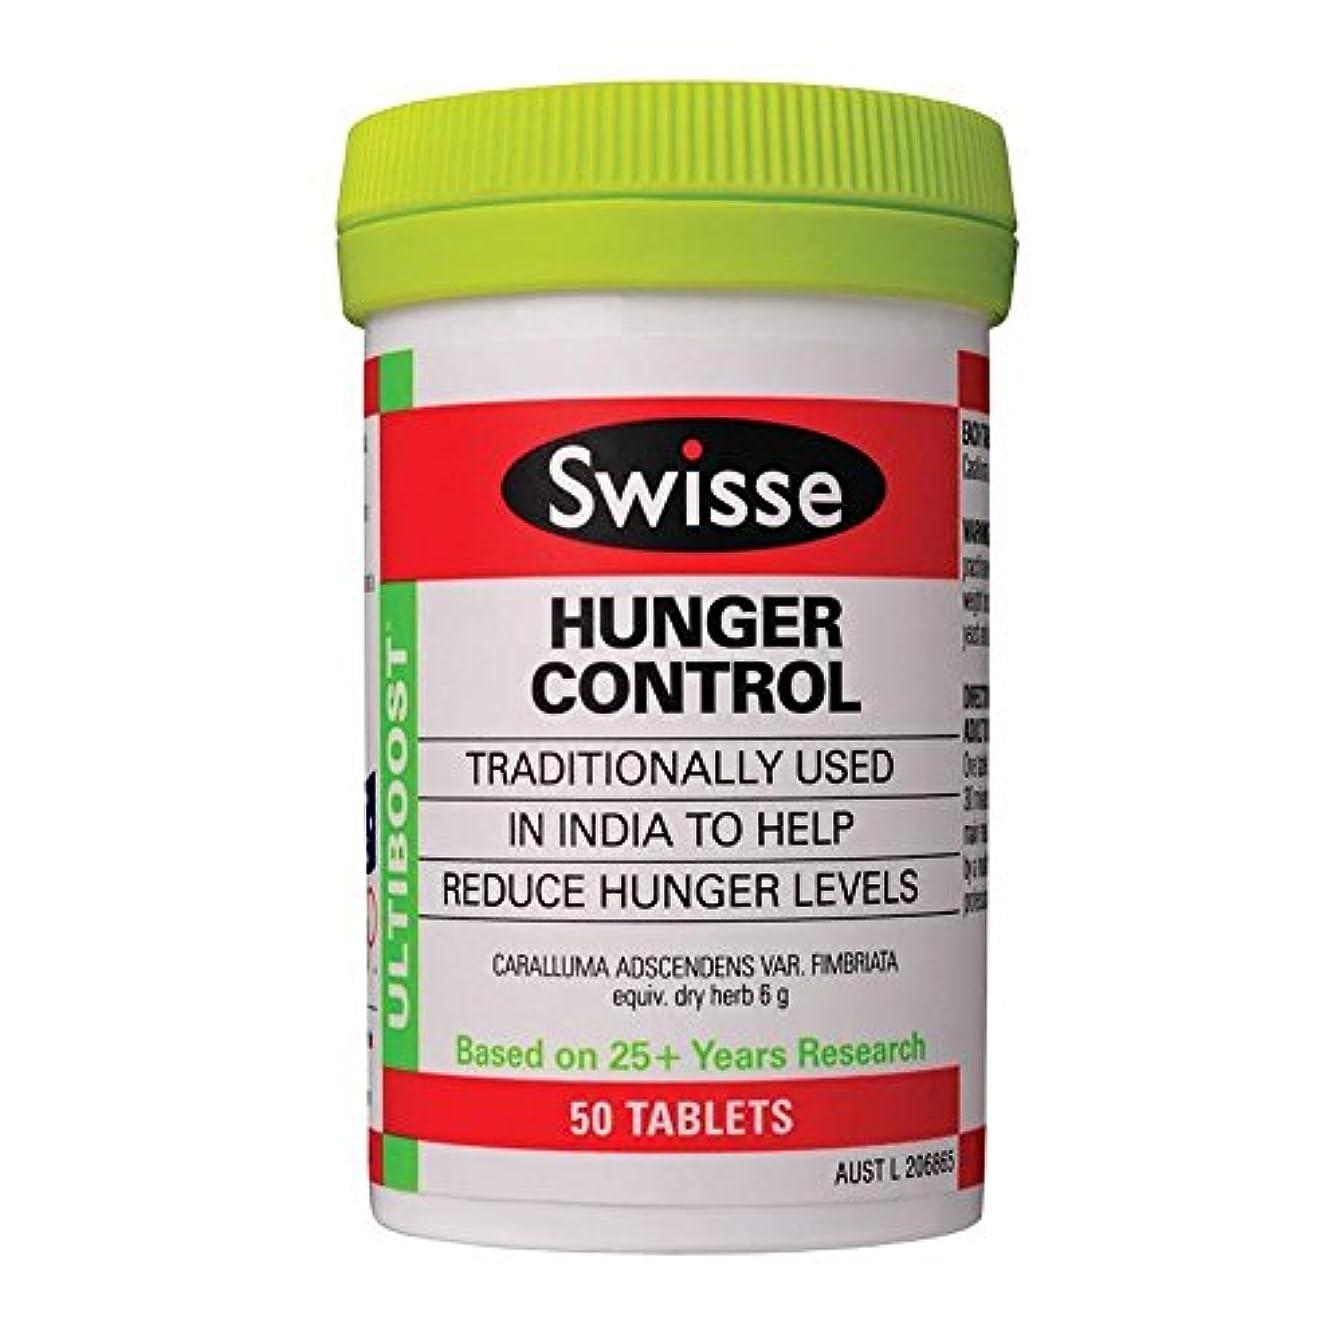 びっくりした食事間違いなくSwisse アルティブーストハンガーコントロール 50粒